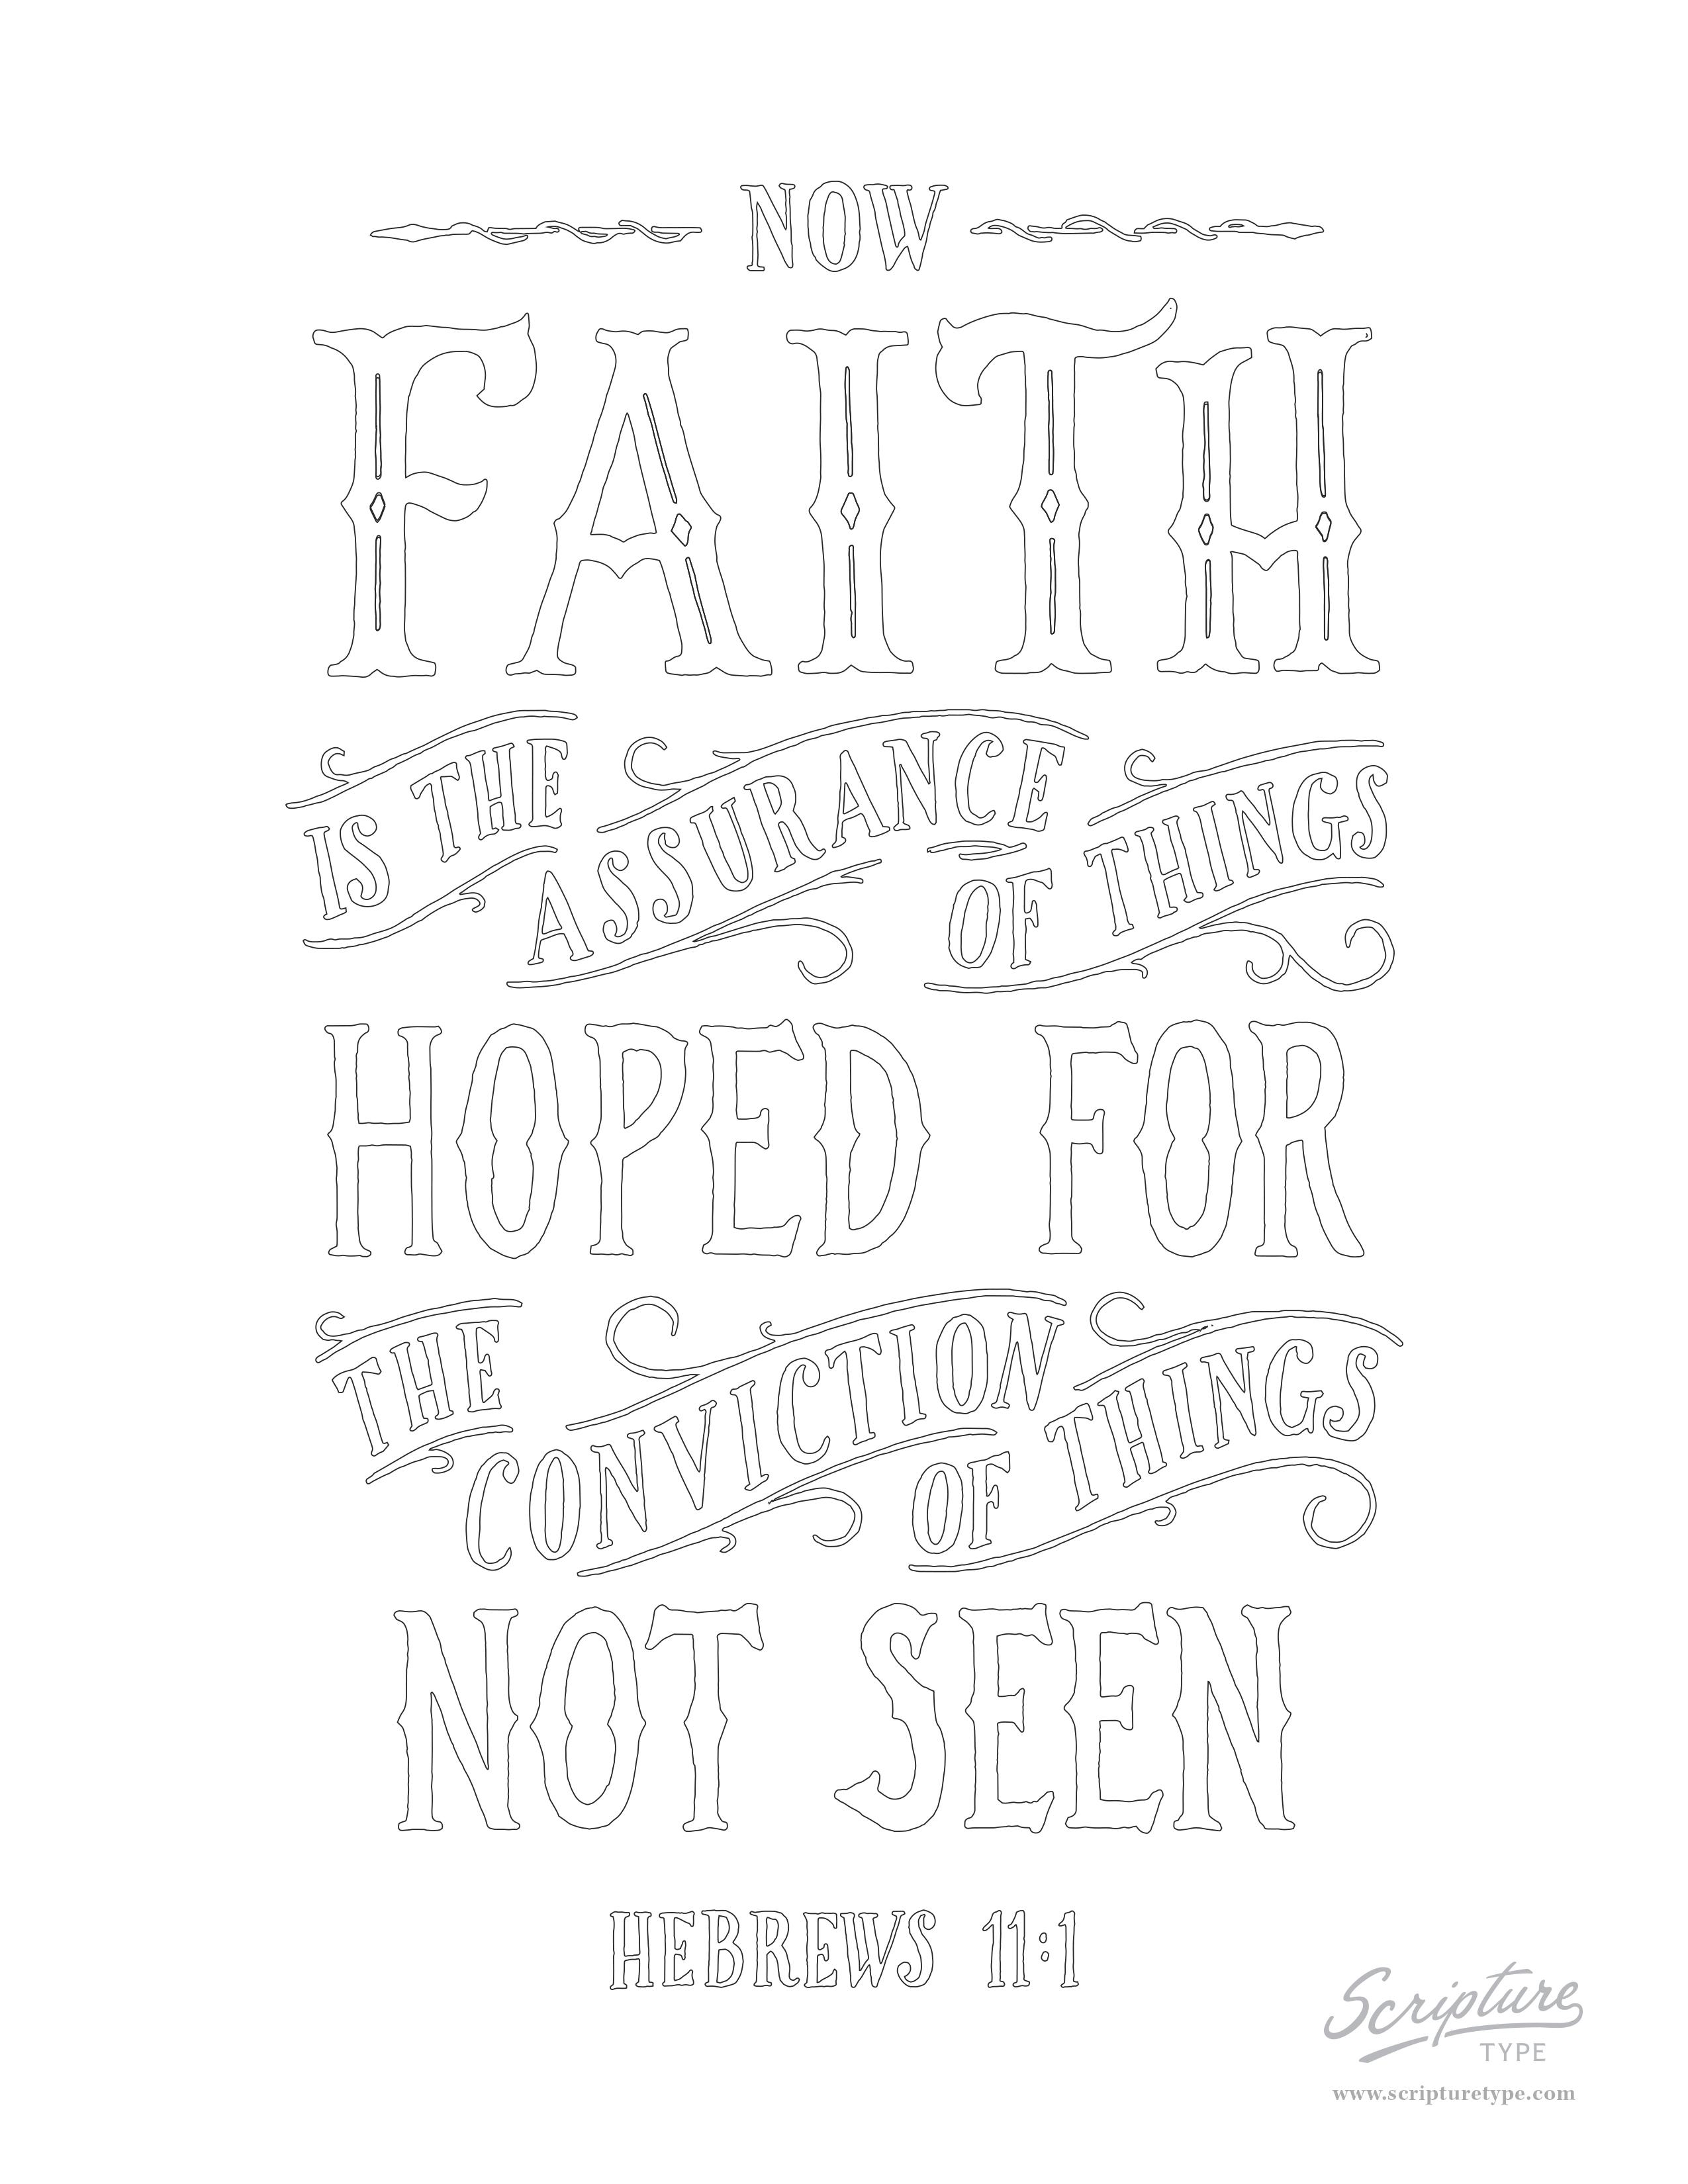 Hebrews 11:1 — Scripture Type